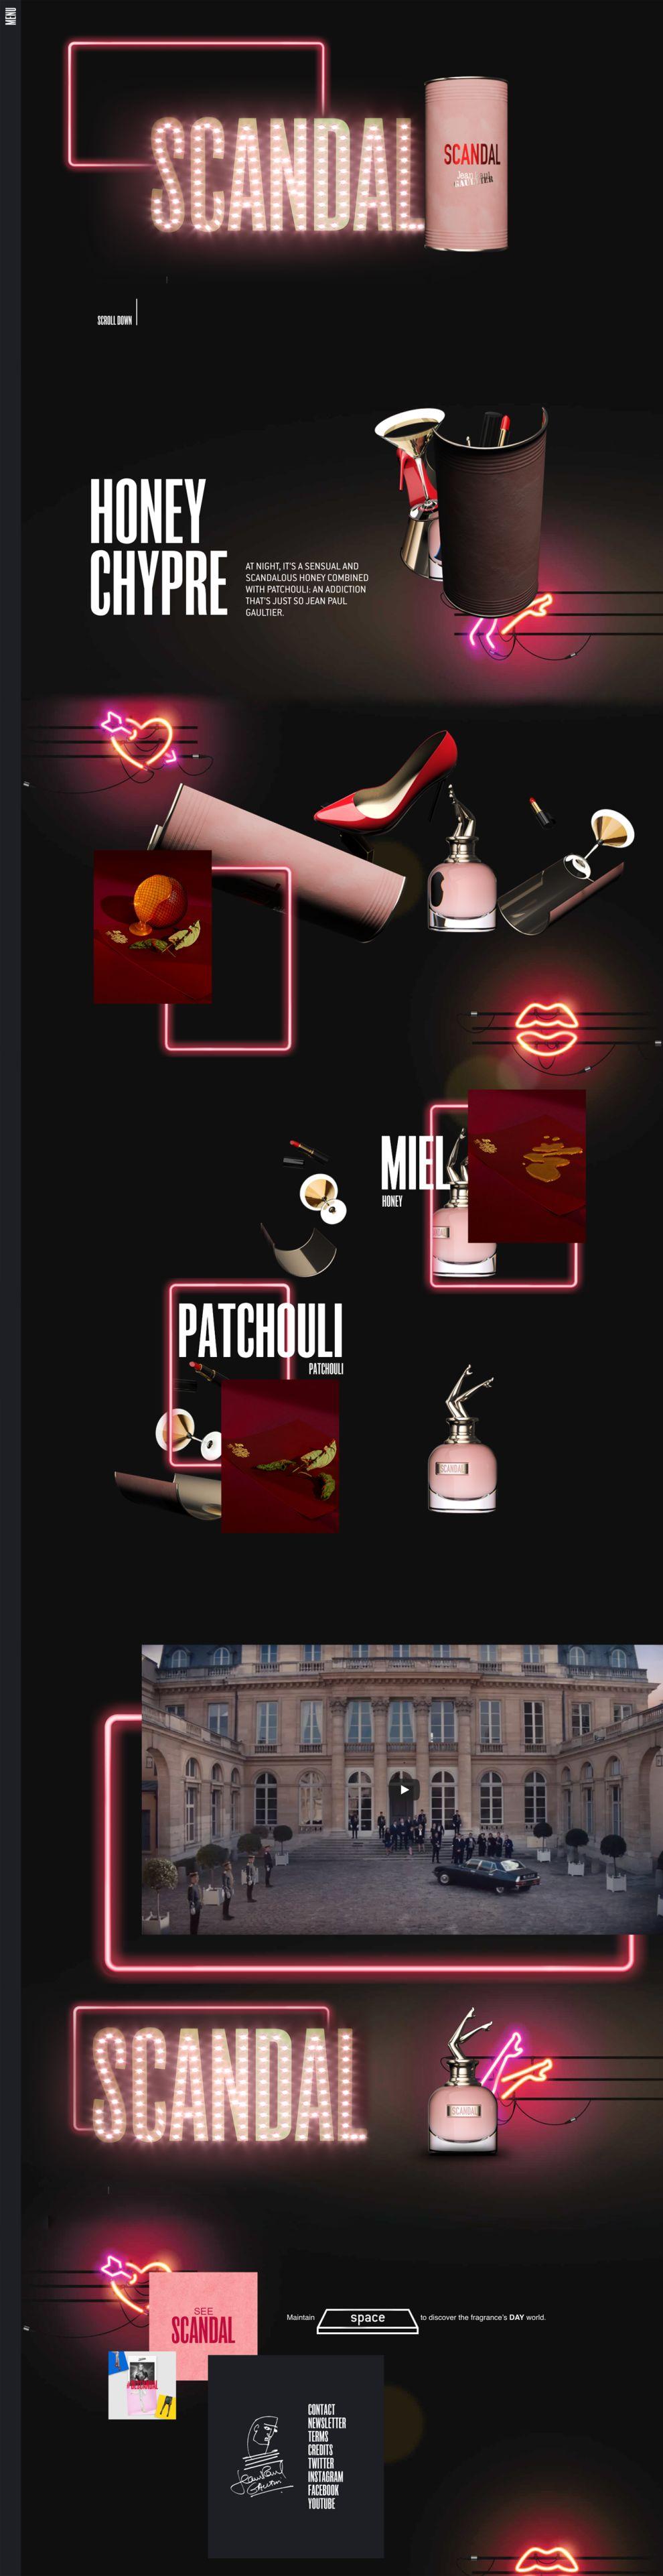 Jean Paul Gaultier Gorgeous Website Design